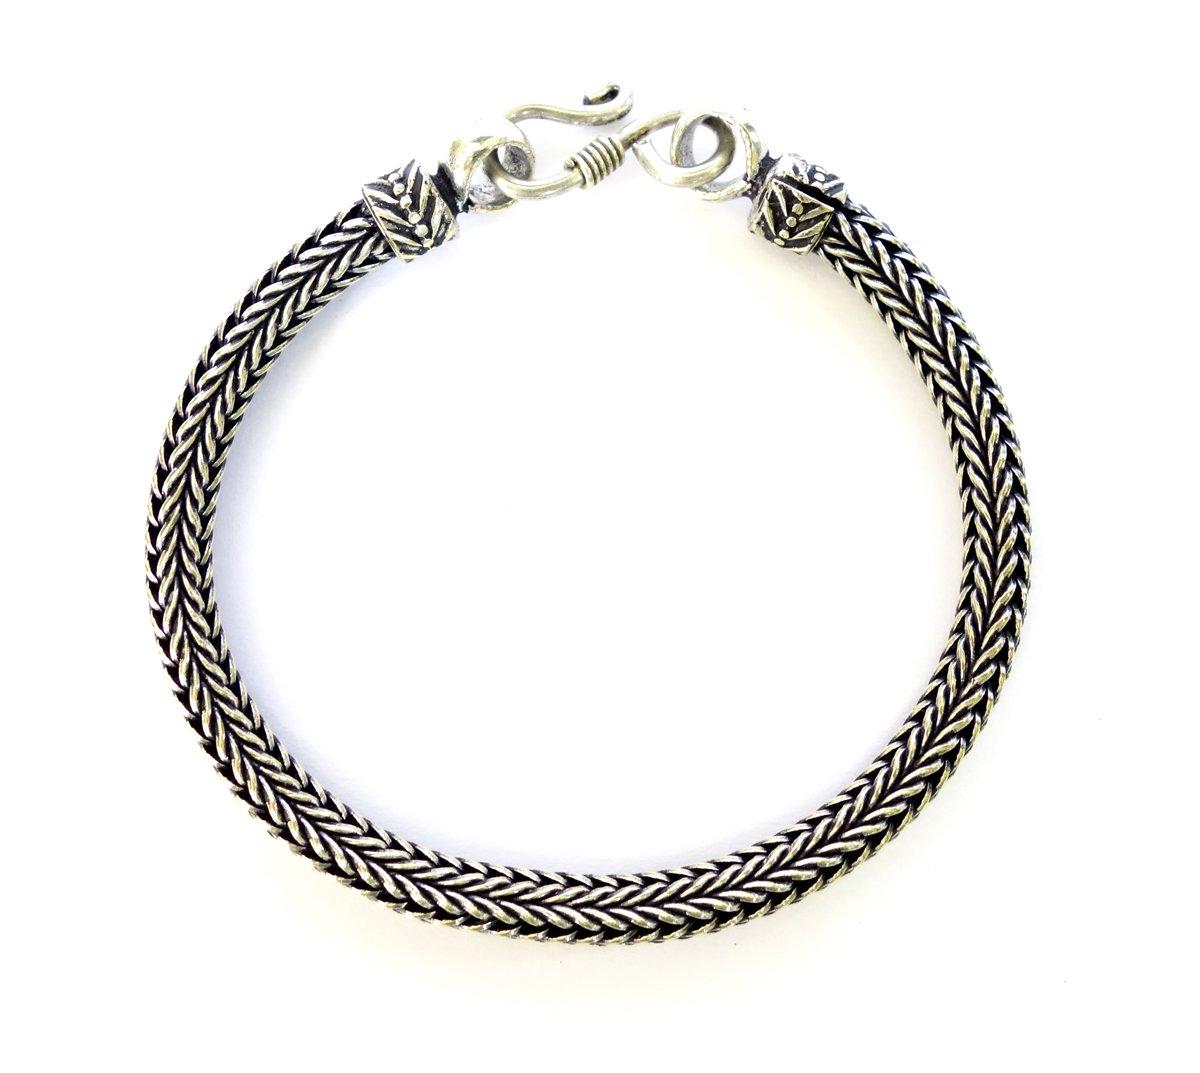 Tibetan Silver SNAKE CHAIN BRACELET FOR MEN UNISEX BRACELET 6 MM ROUND BRACELET